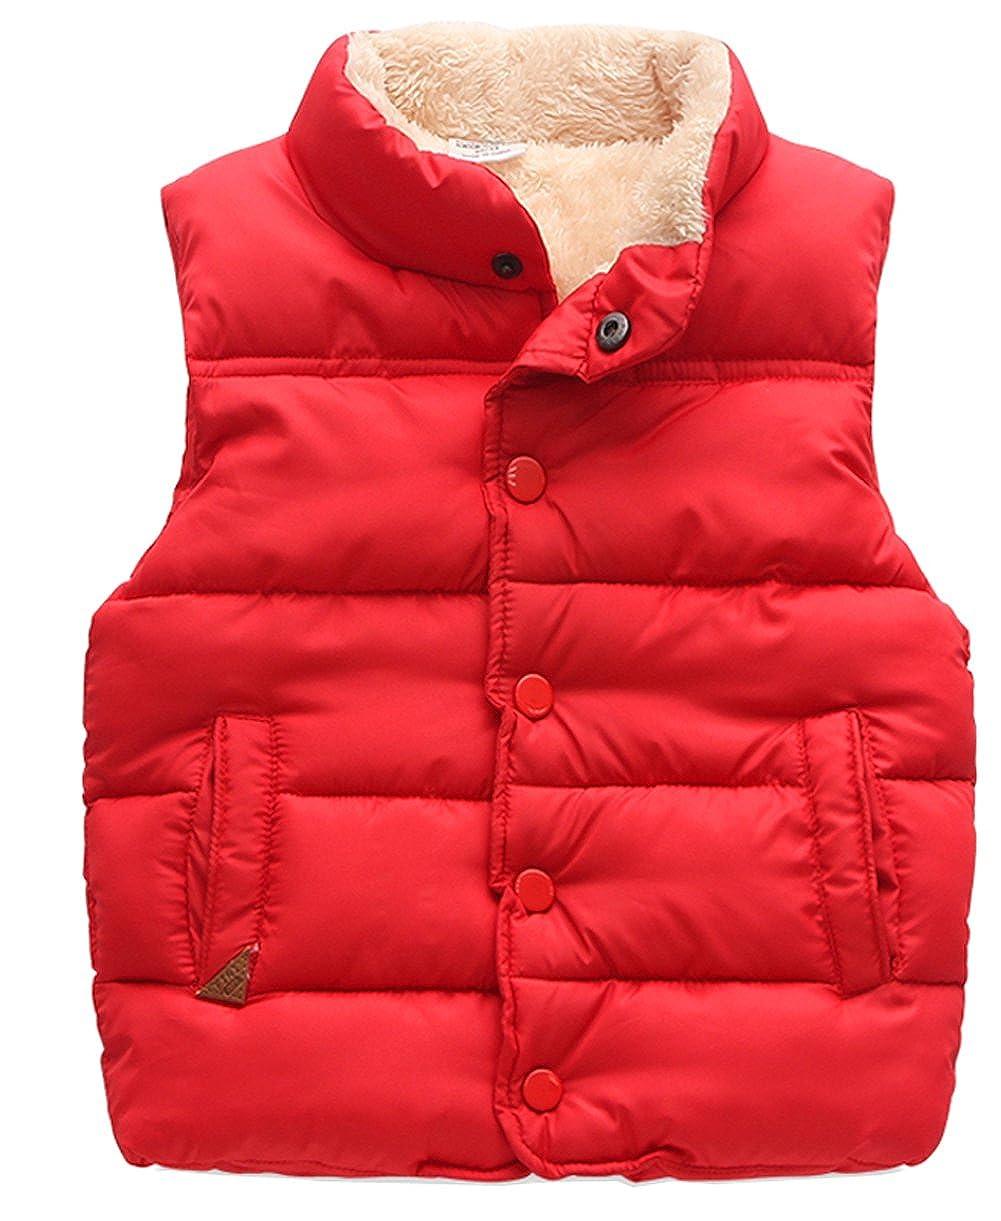 Kedera Baby Packable Stand Collar Puffer Down Vest Sleeveless Lightweight Jacket